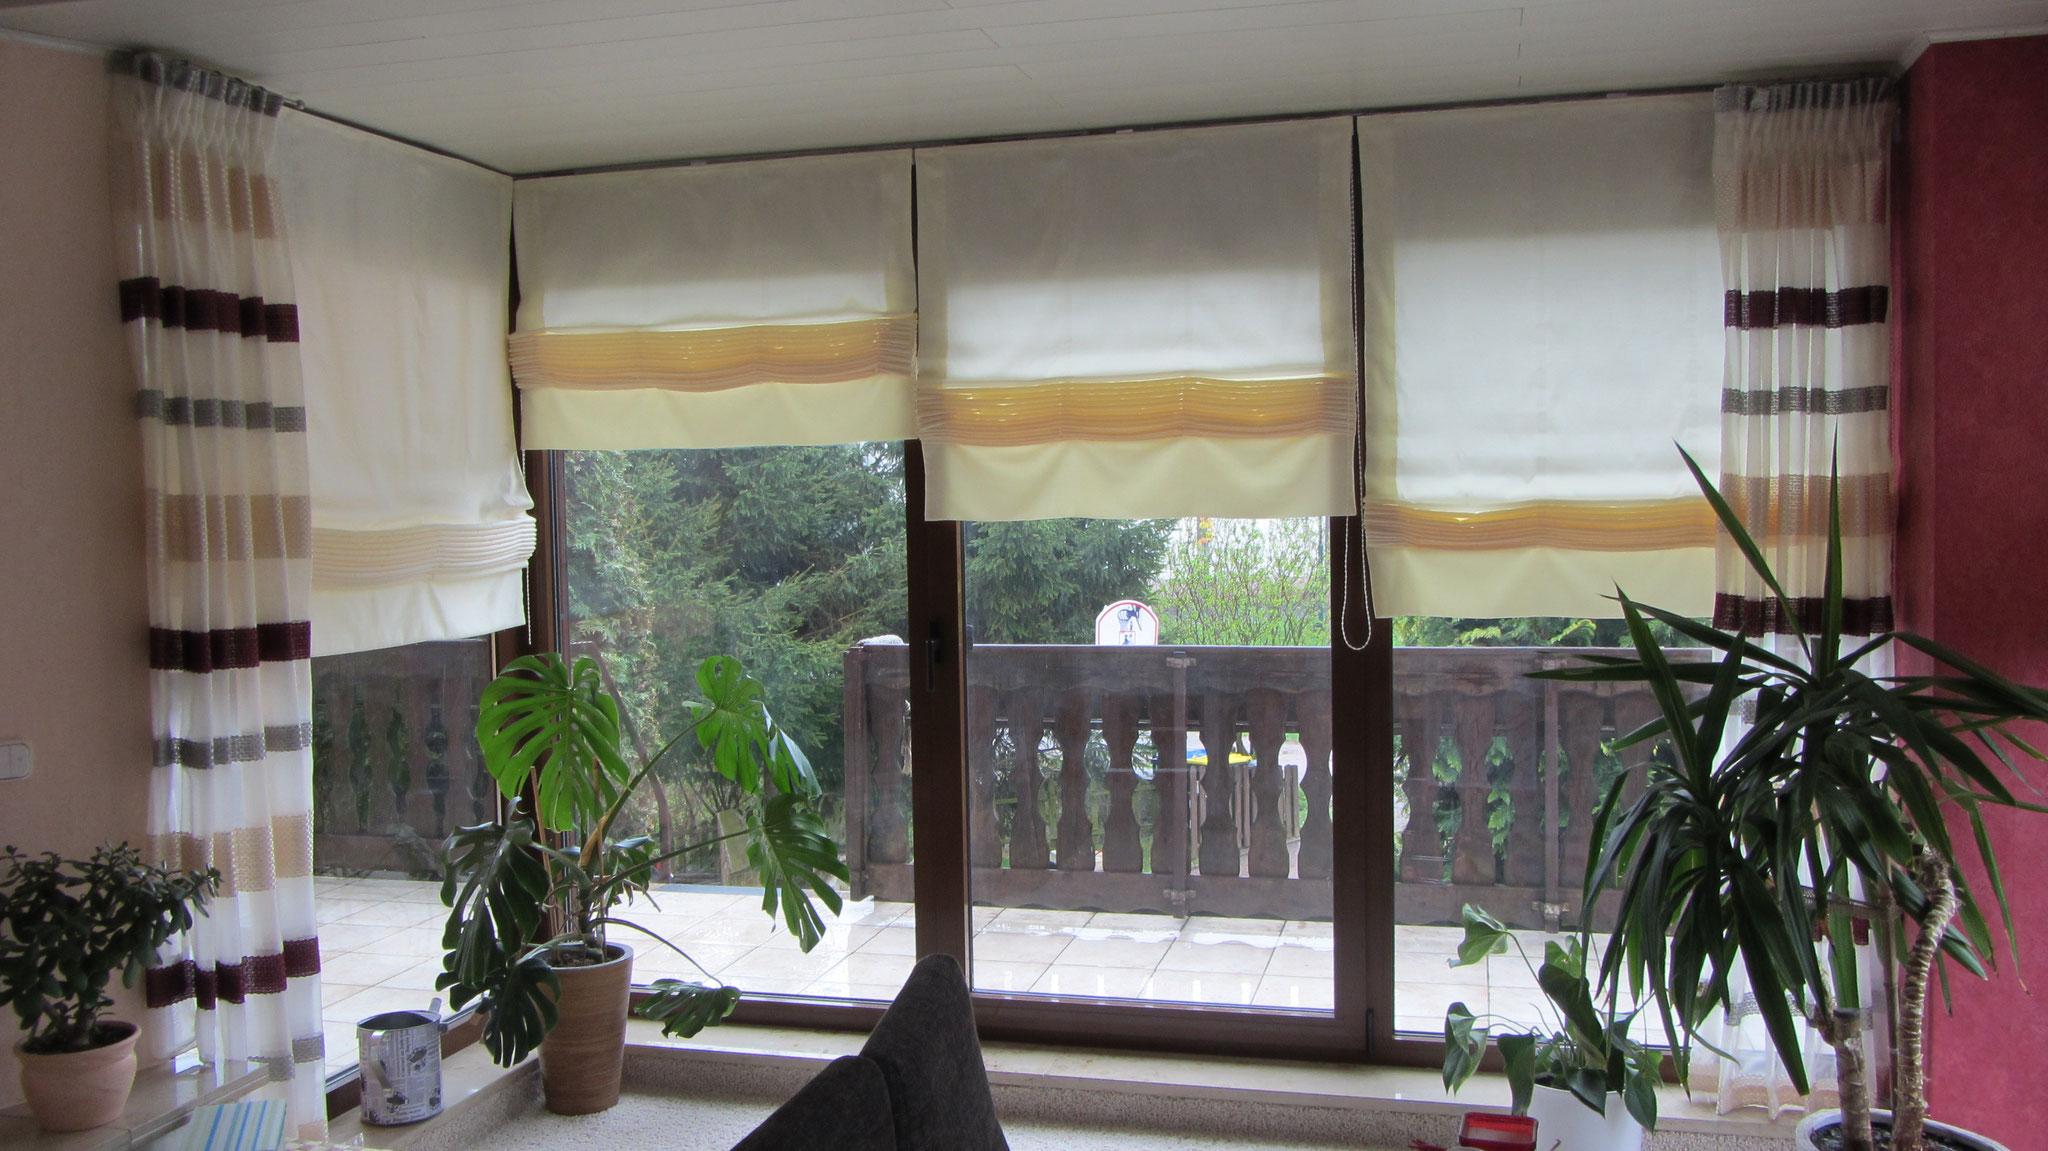 Frisch Fensterdekorationen Gardinen Beispiele Ideen